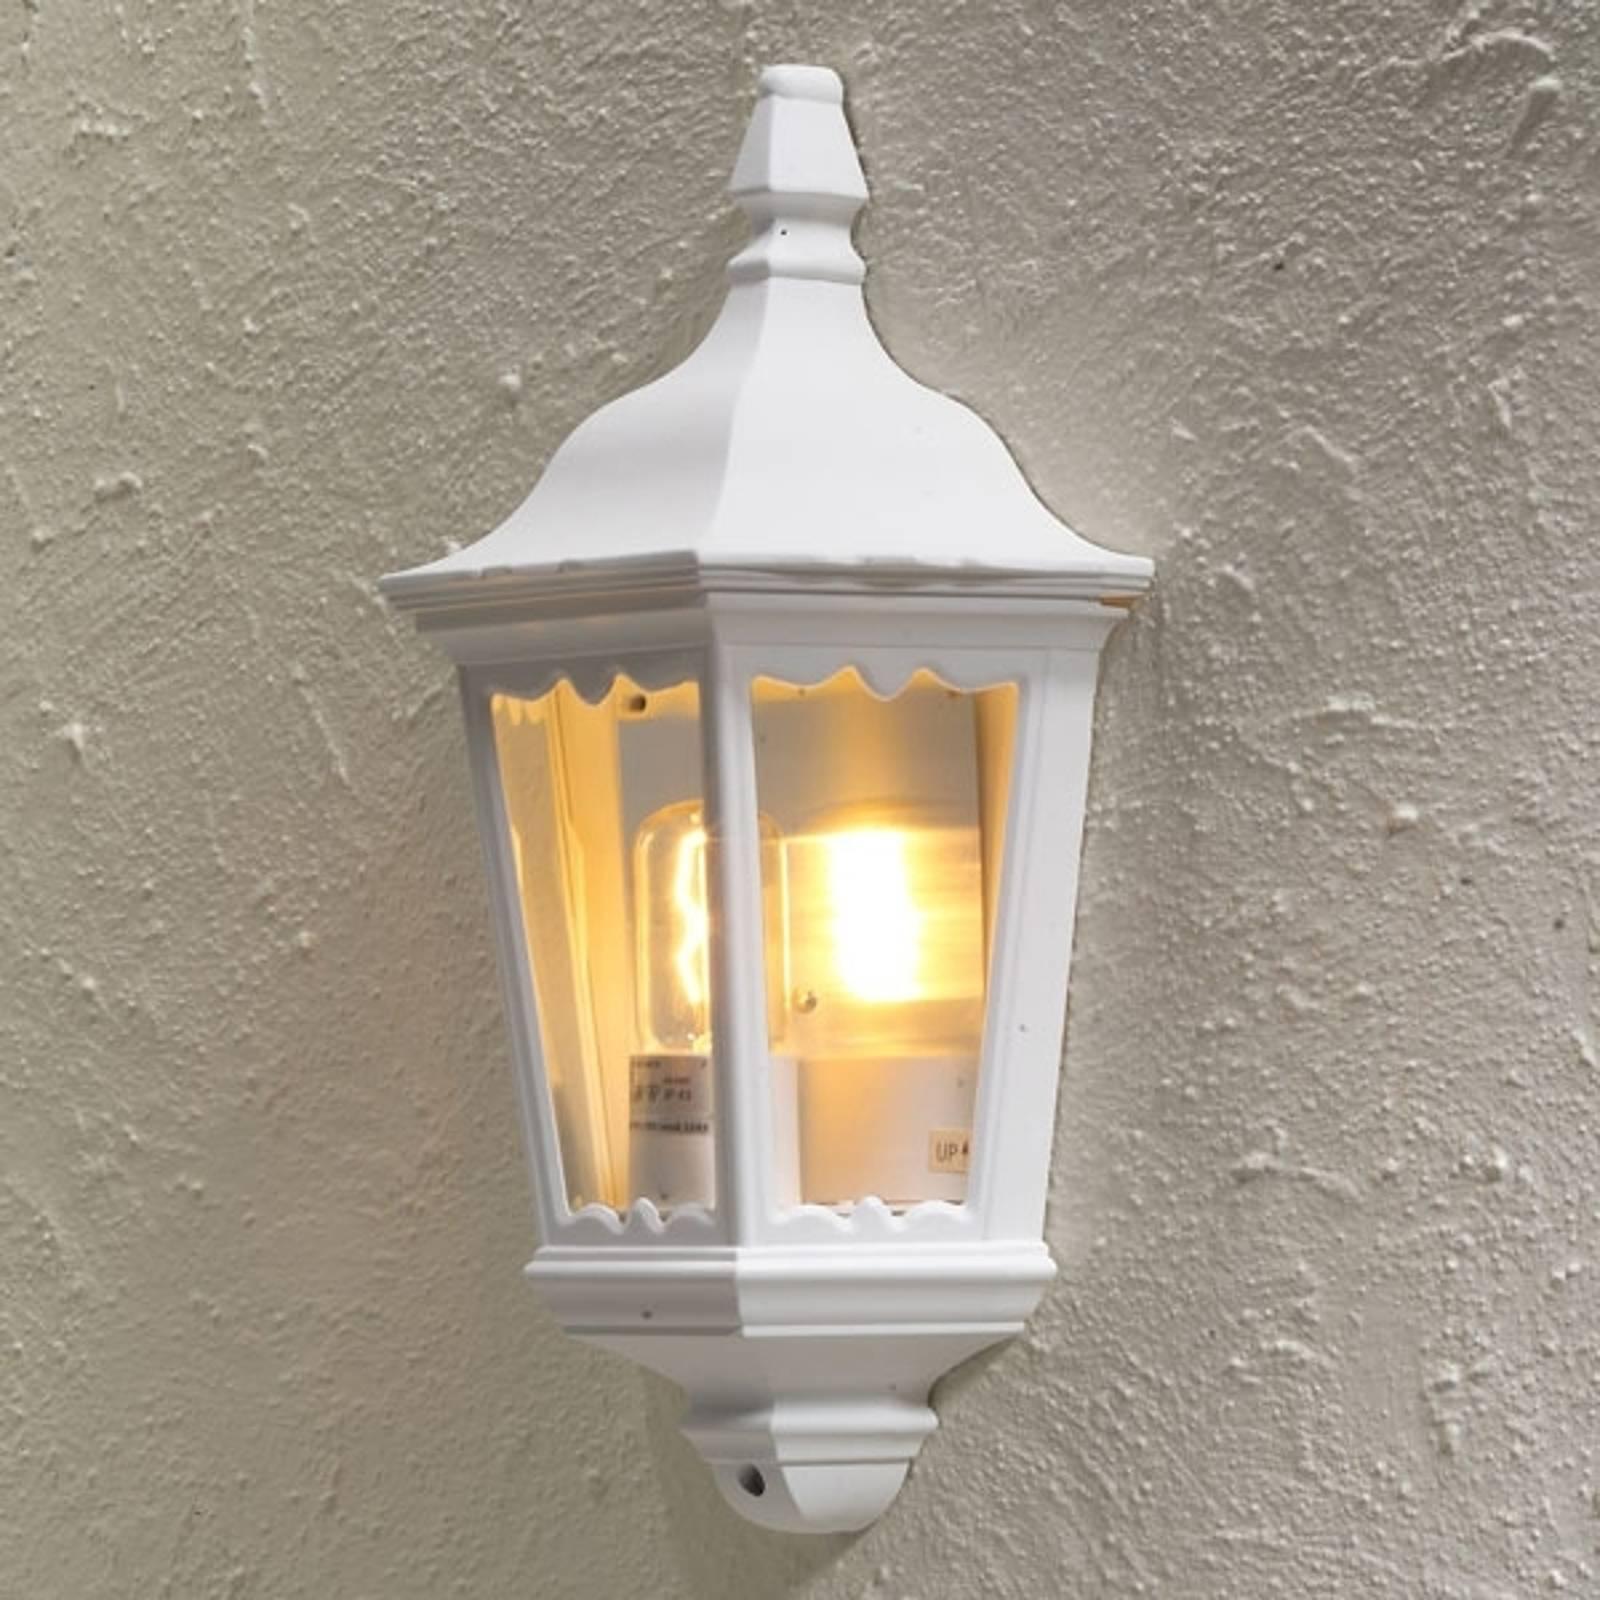 Buitenwandlamp Firenze, halve schaal, wit